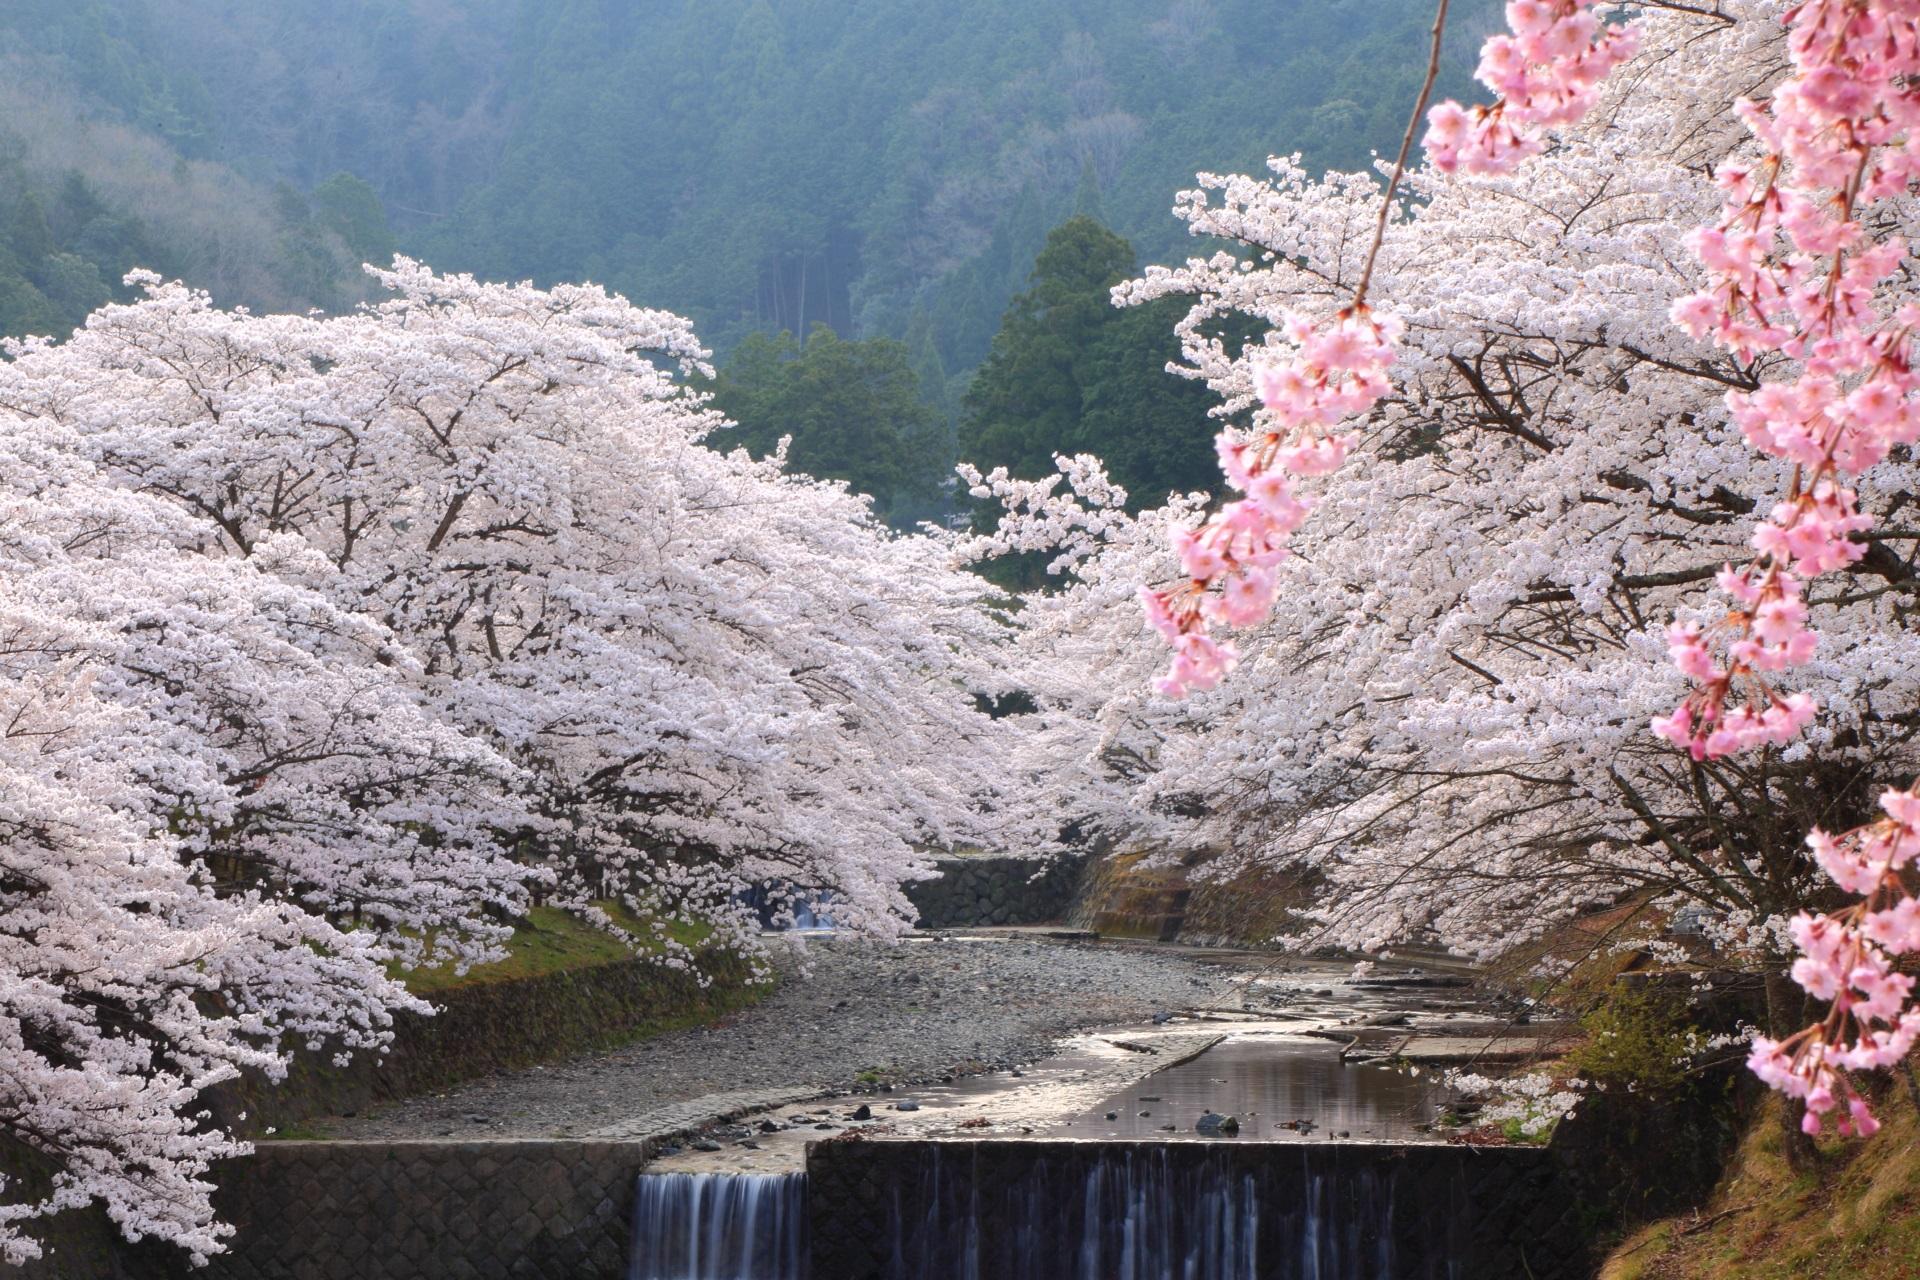 白い炎のように咲き誇る弾けんばかりの桜